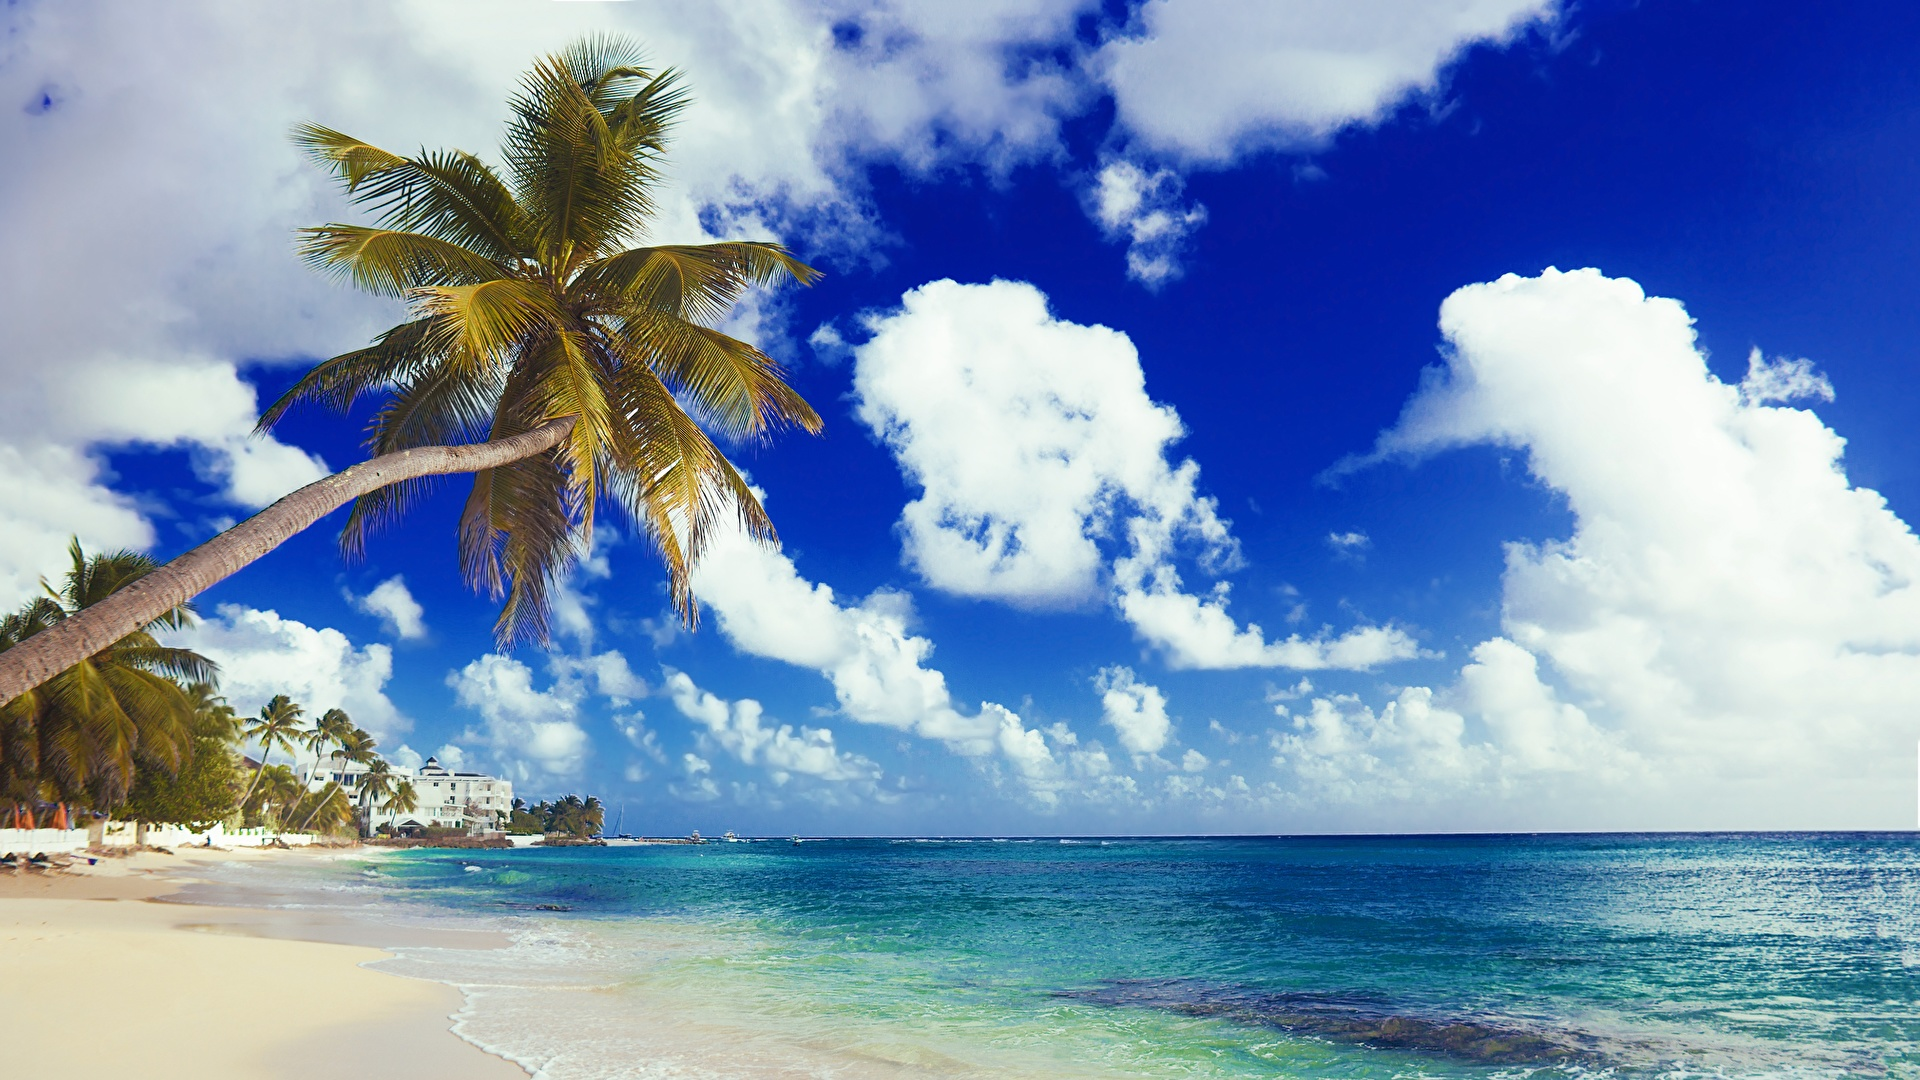 壁紙 1920x1080 海岸 海 空 ヤシ ビーチ 雲 自然